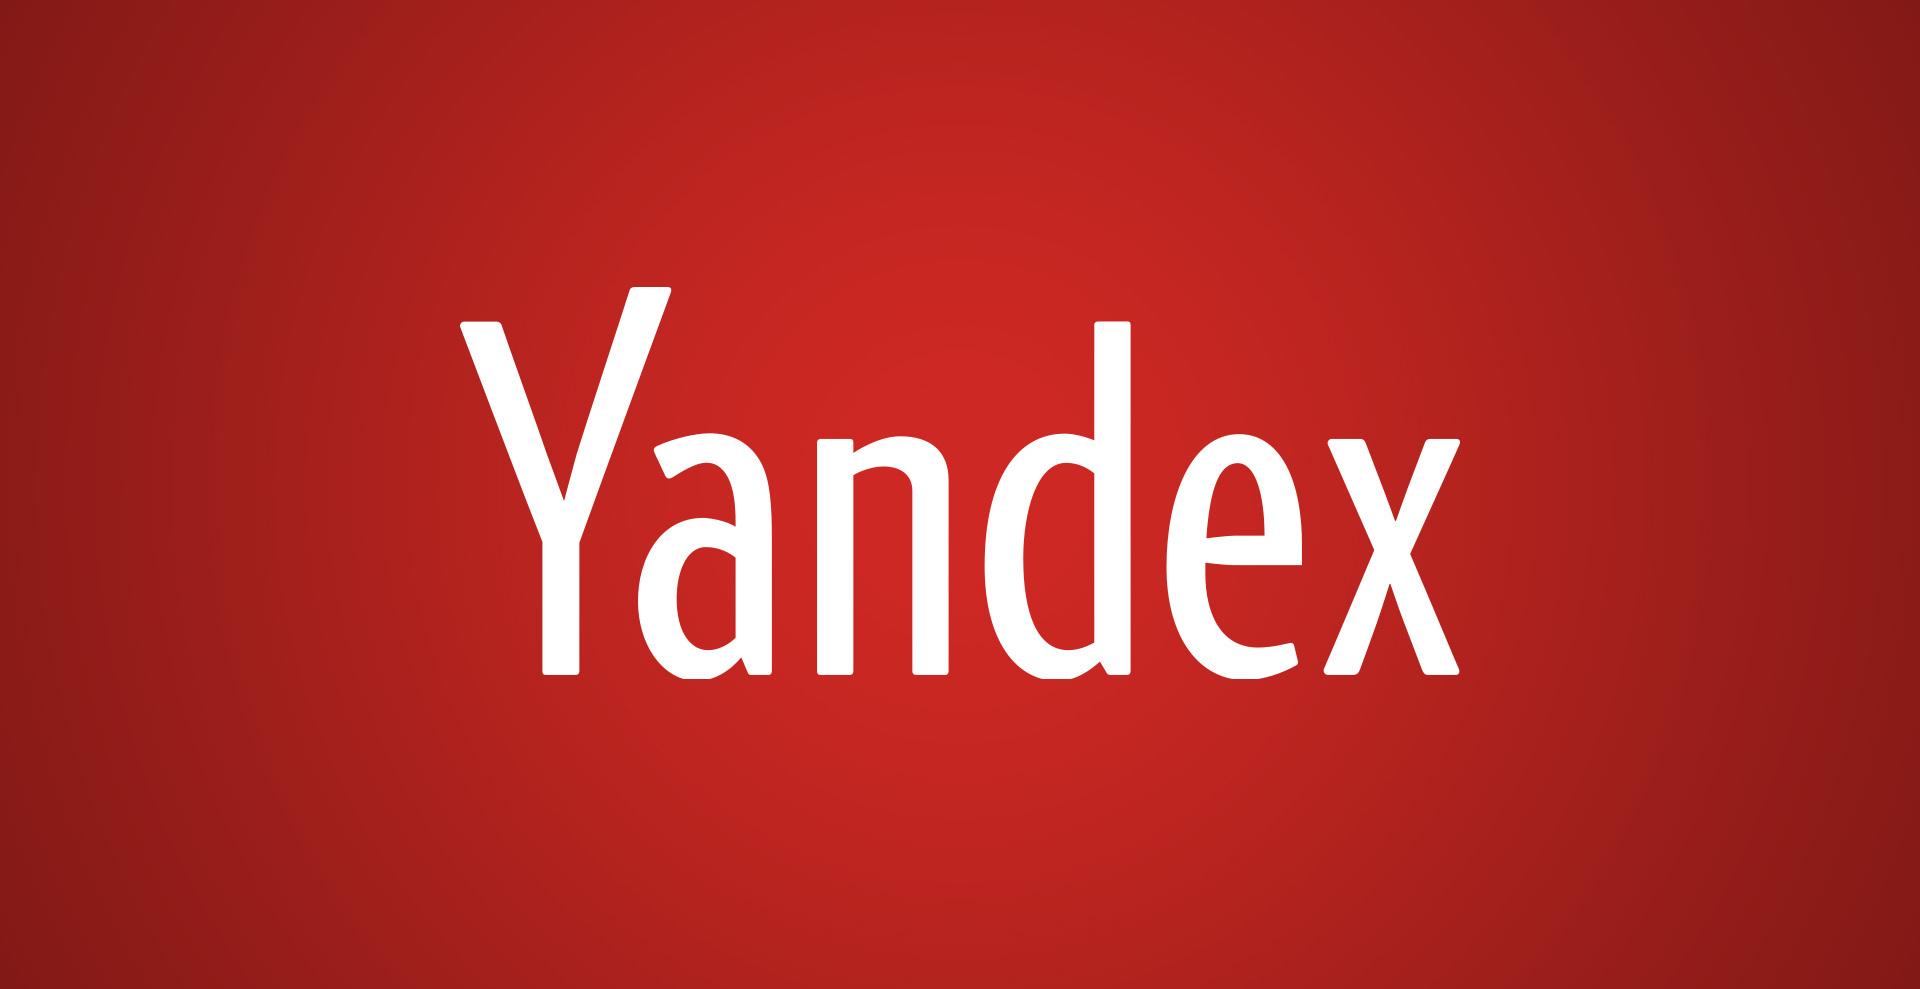 Не по дзен. Пользователи Яндекс сообщили о проблемах с доступом к сервисам